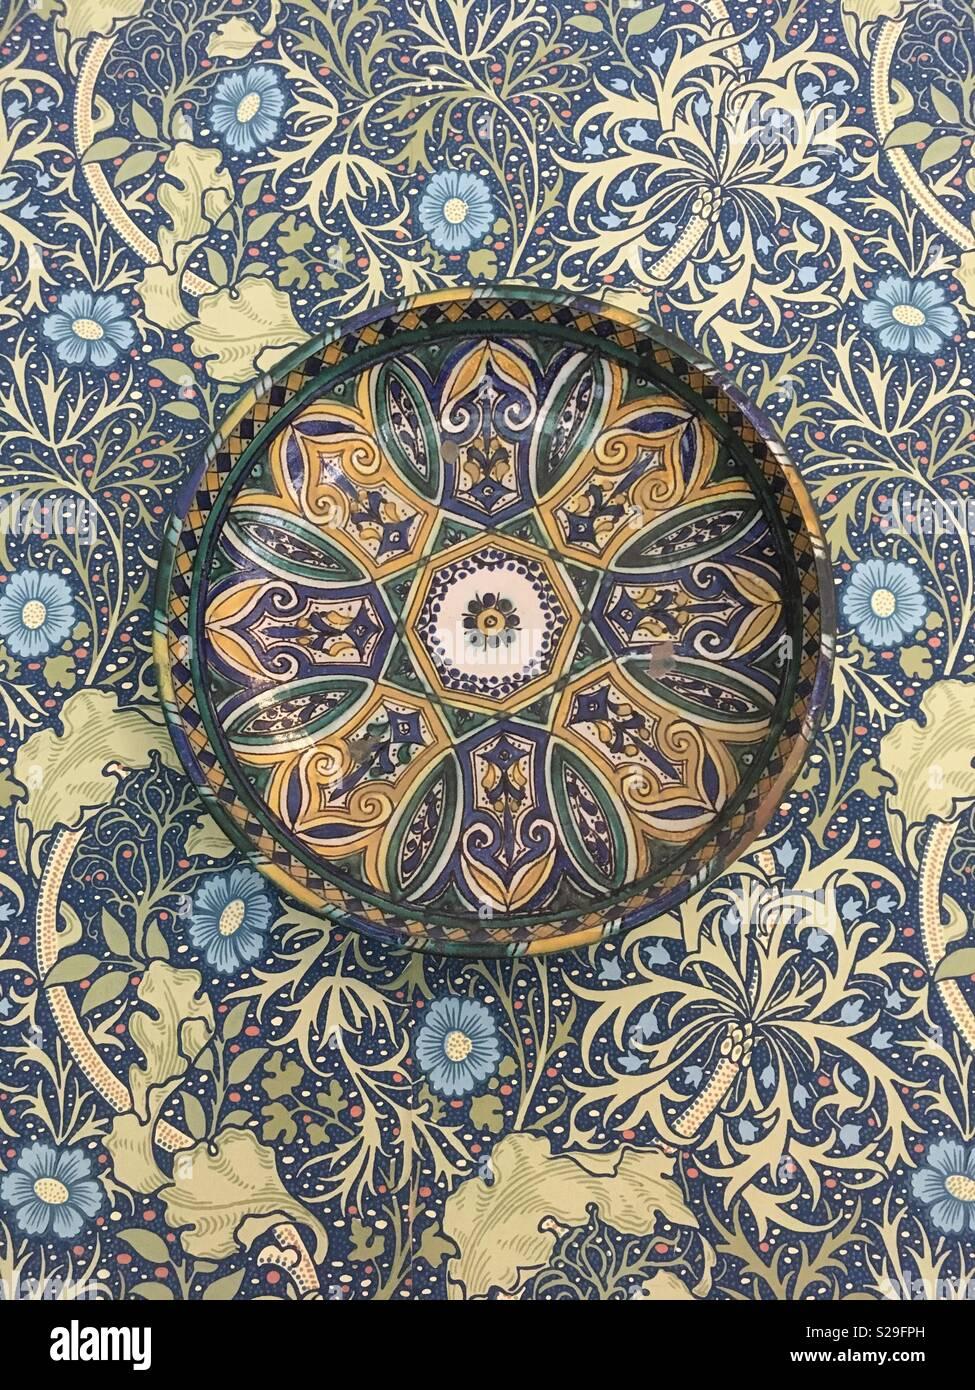 Plaque à motifs Art Nouveau et wallpaper - Arts et artisanat Photo Stock